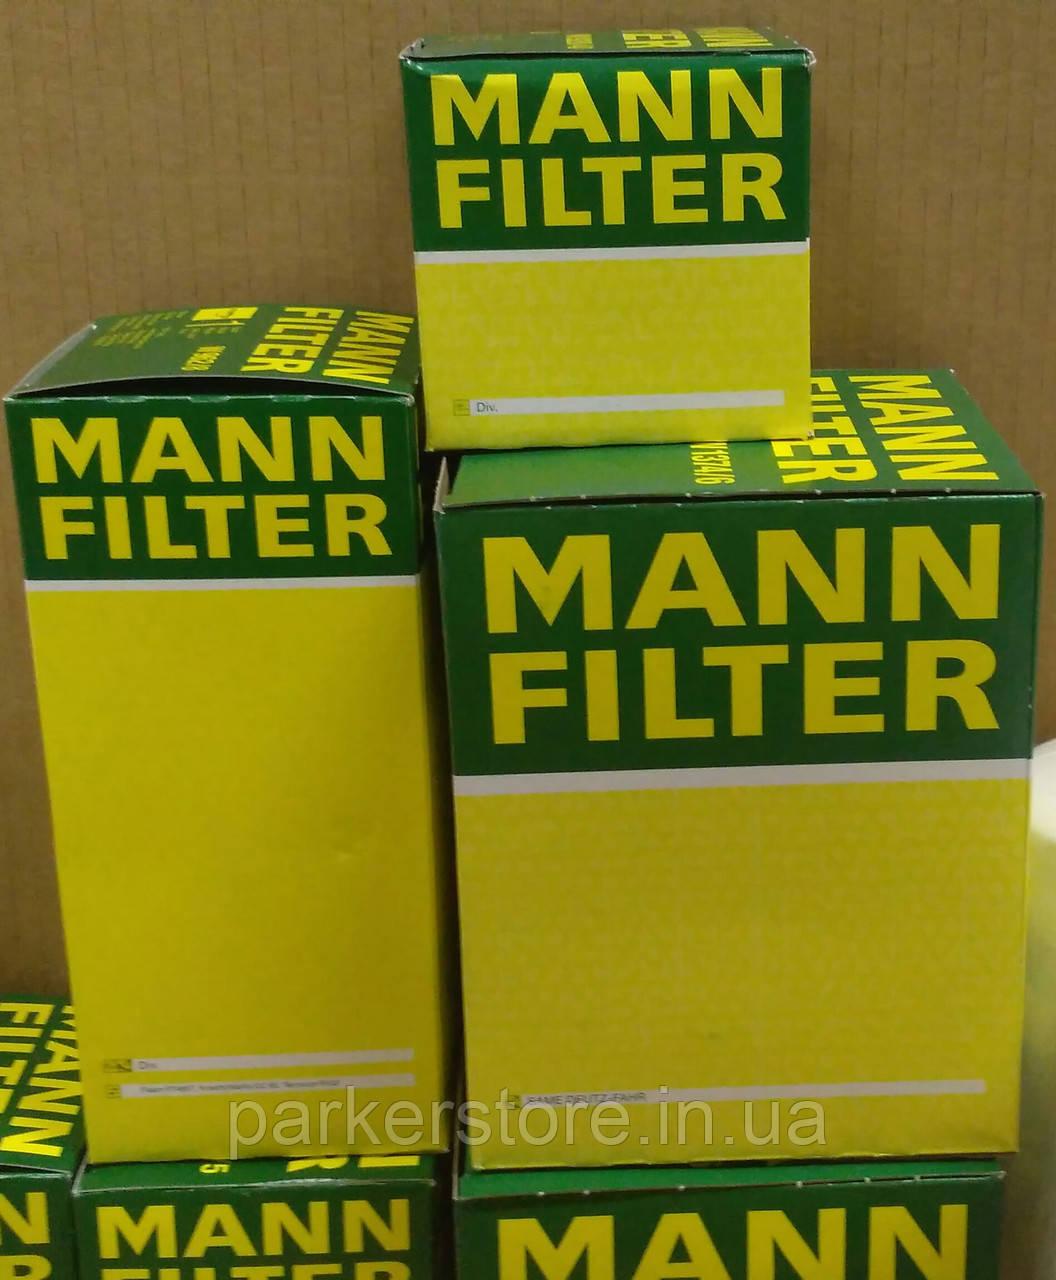 MANN FILTER / Воздушный фильтр / C 1820 / C1820